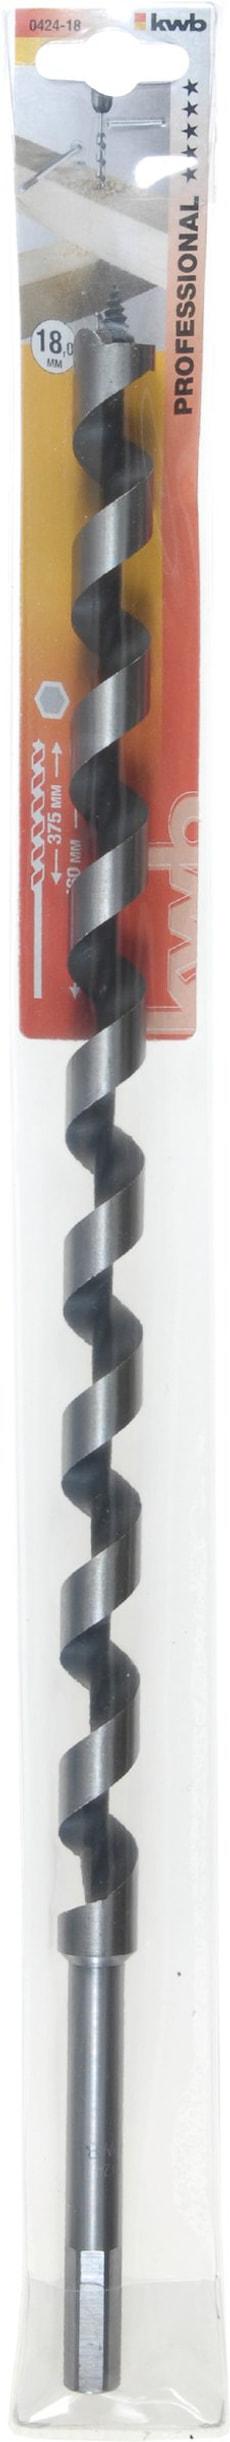 Mèches à spirale unique, 460 mm, ø 18 mm